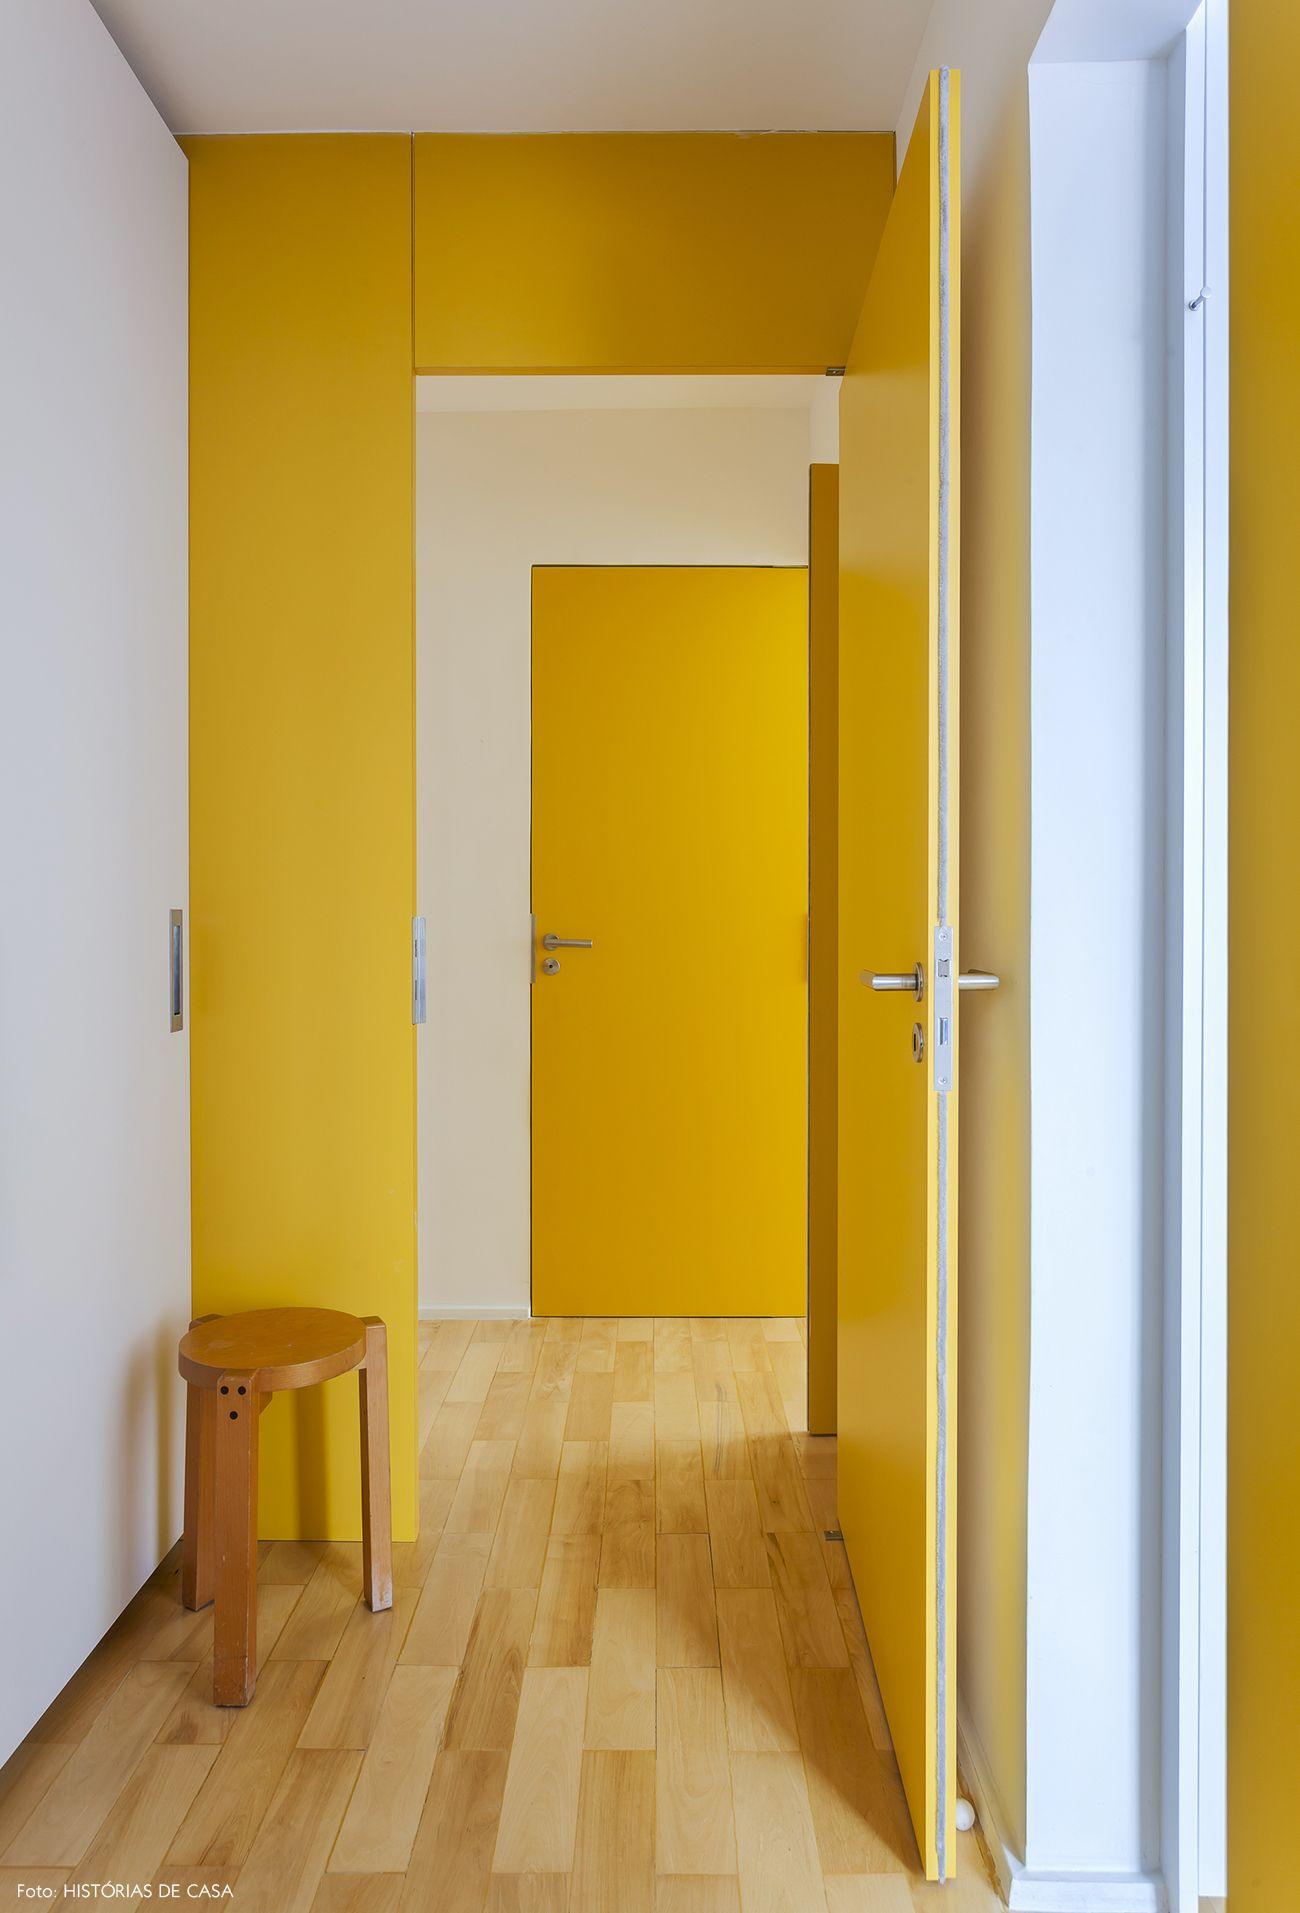 Casa pintada com amarelo ouro